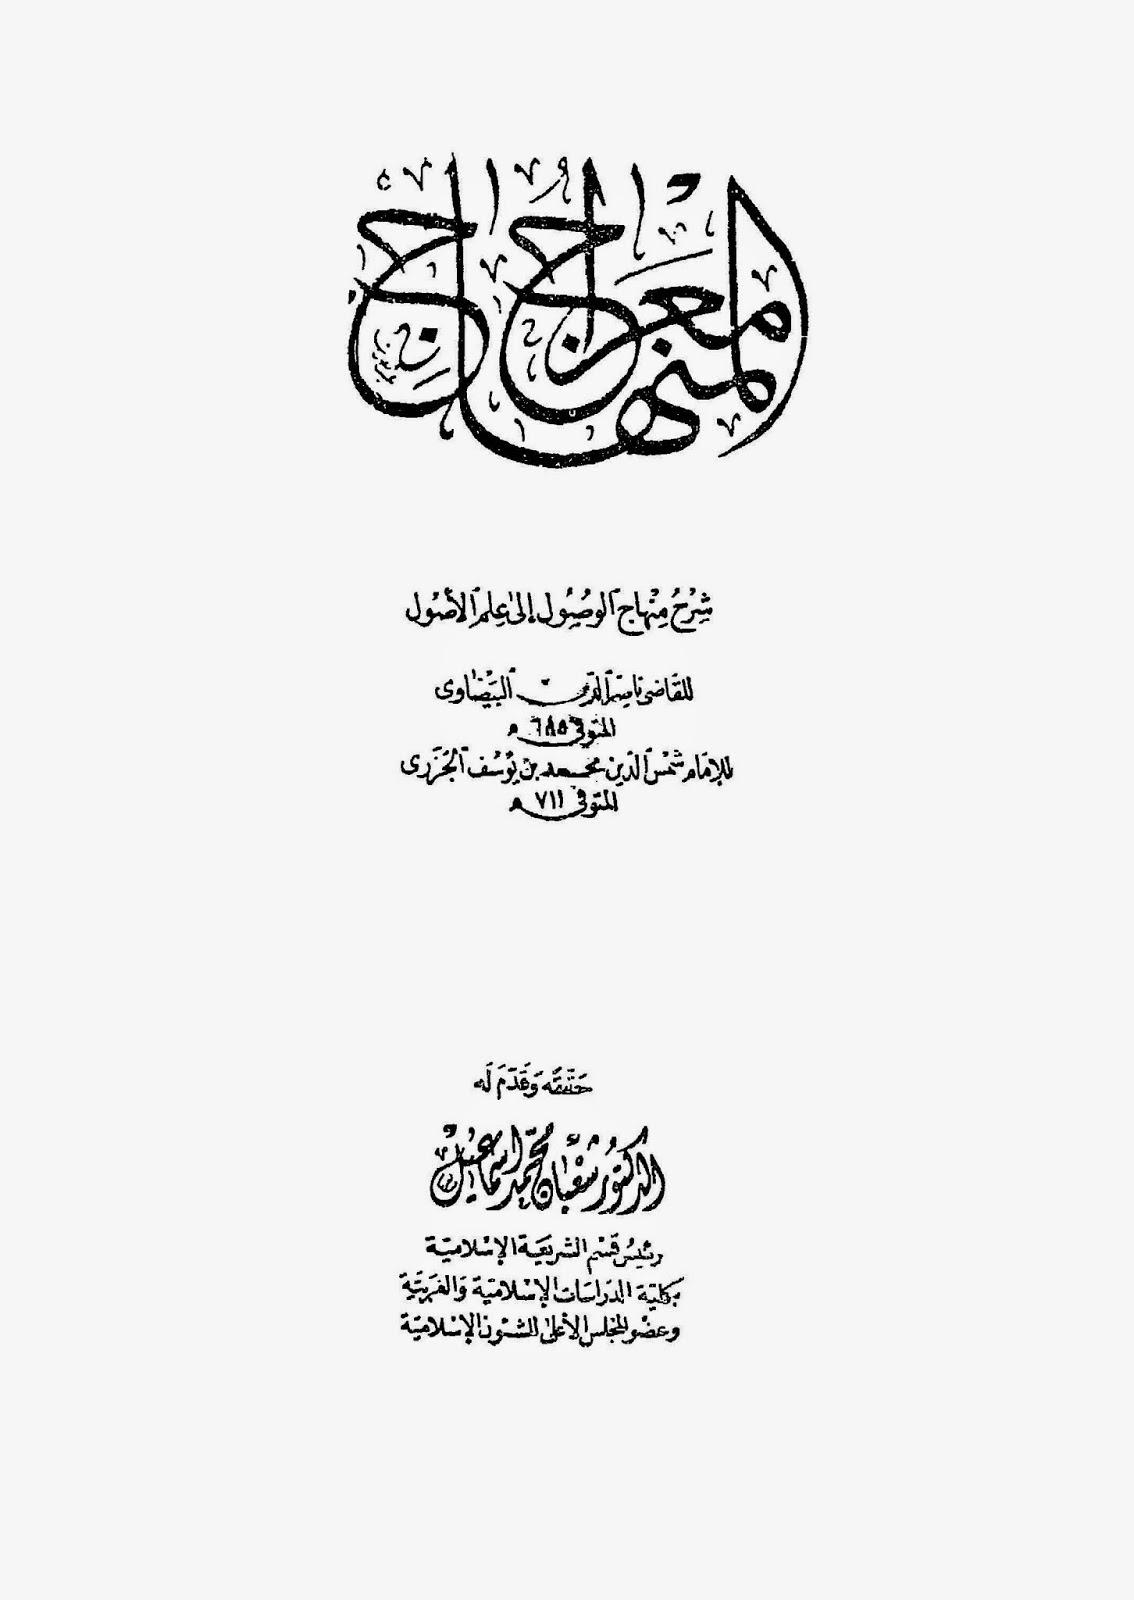 شرح منهاج الوصل إلى علم الأصول للبيضاوي لـ ابن الجزري